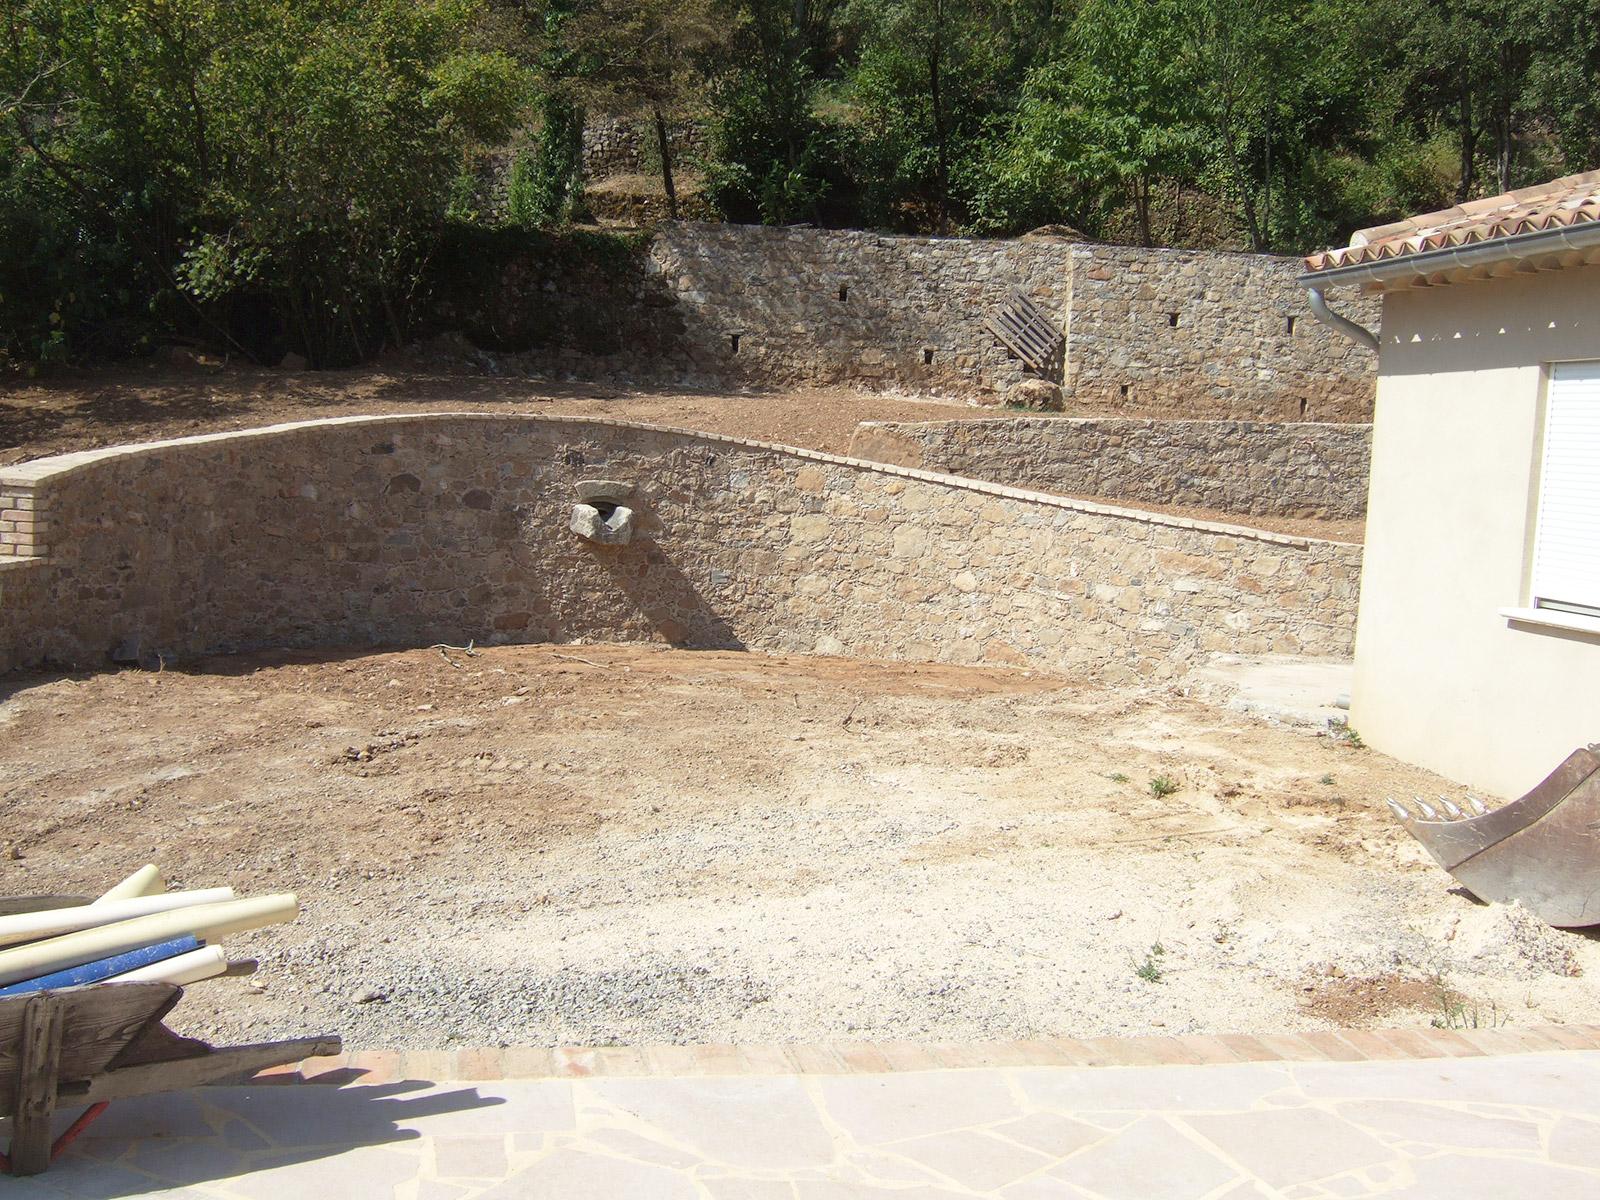 Terrain vierge avant construction de la piscine